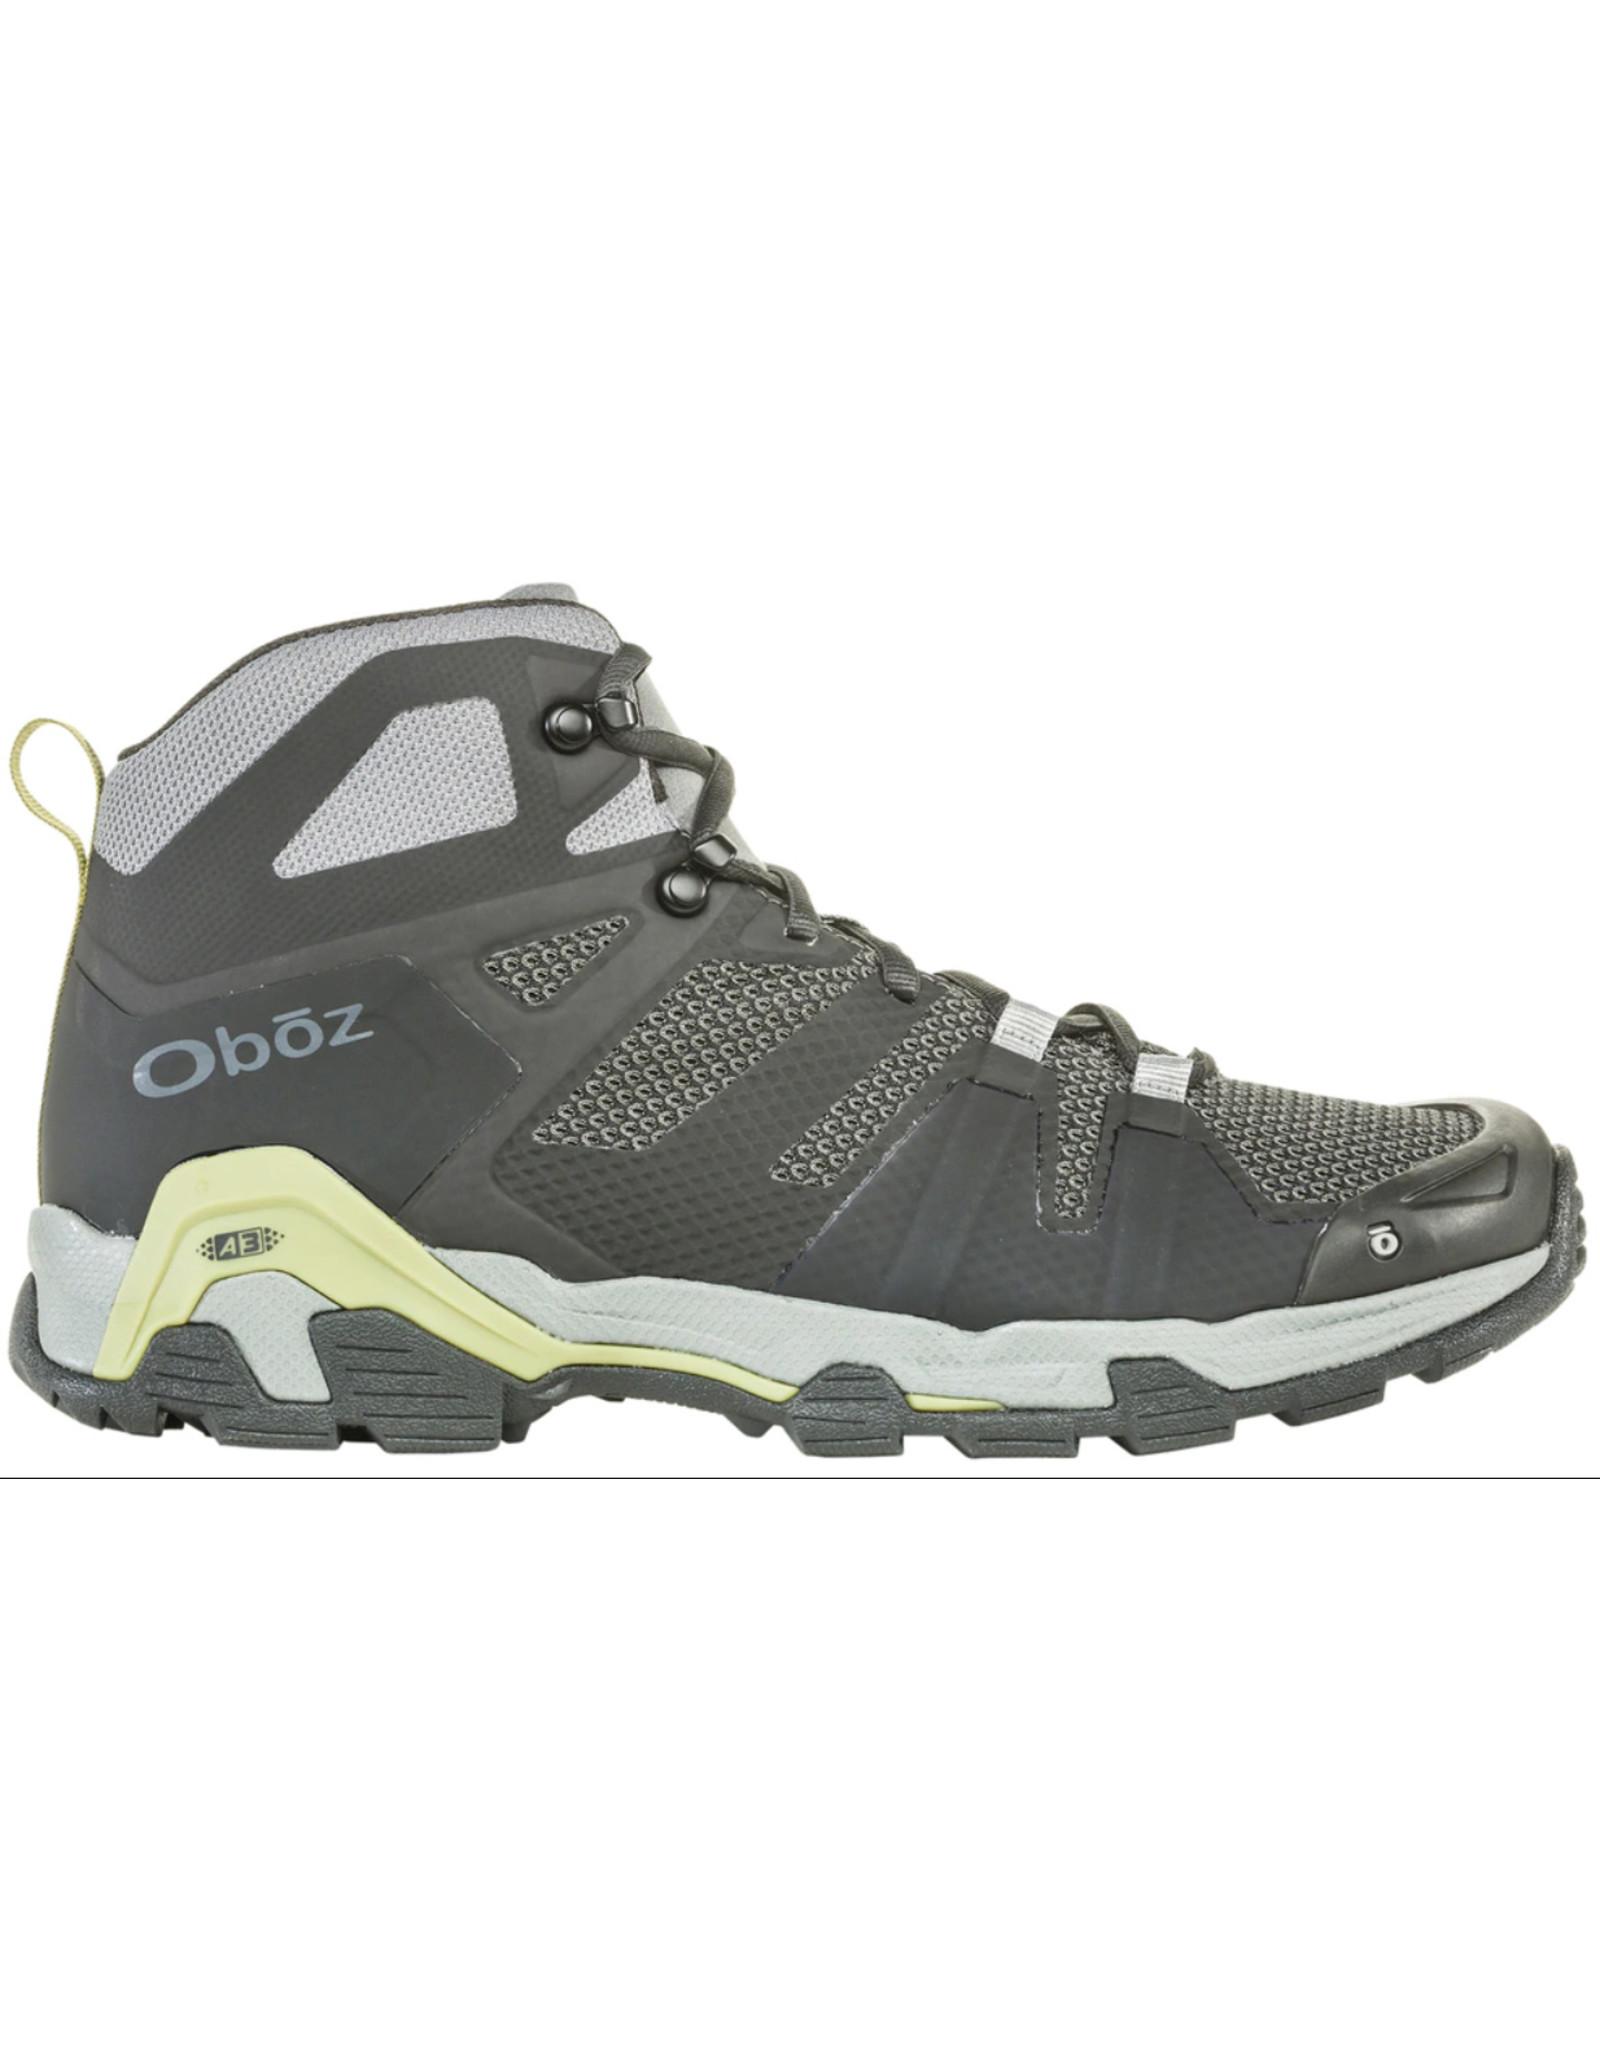 Oboz Arete Mid Boot